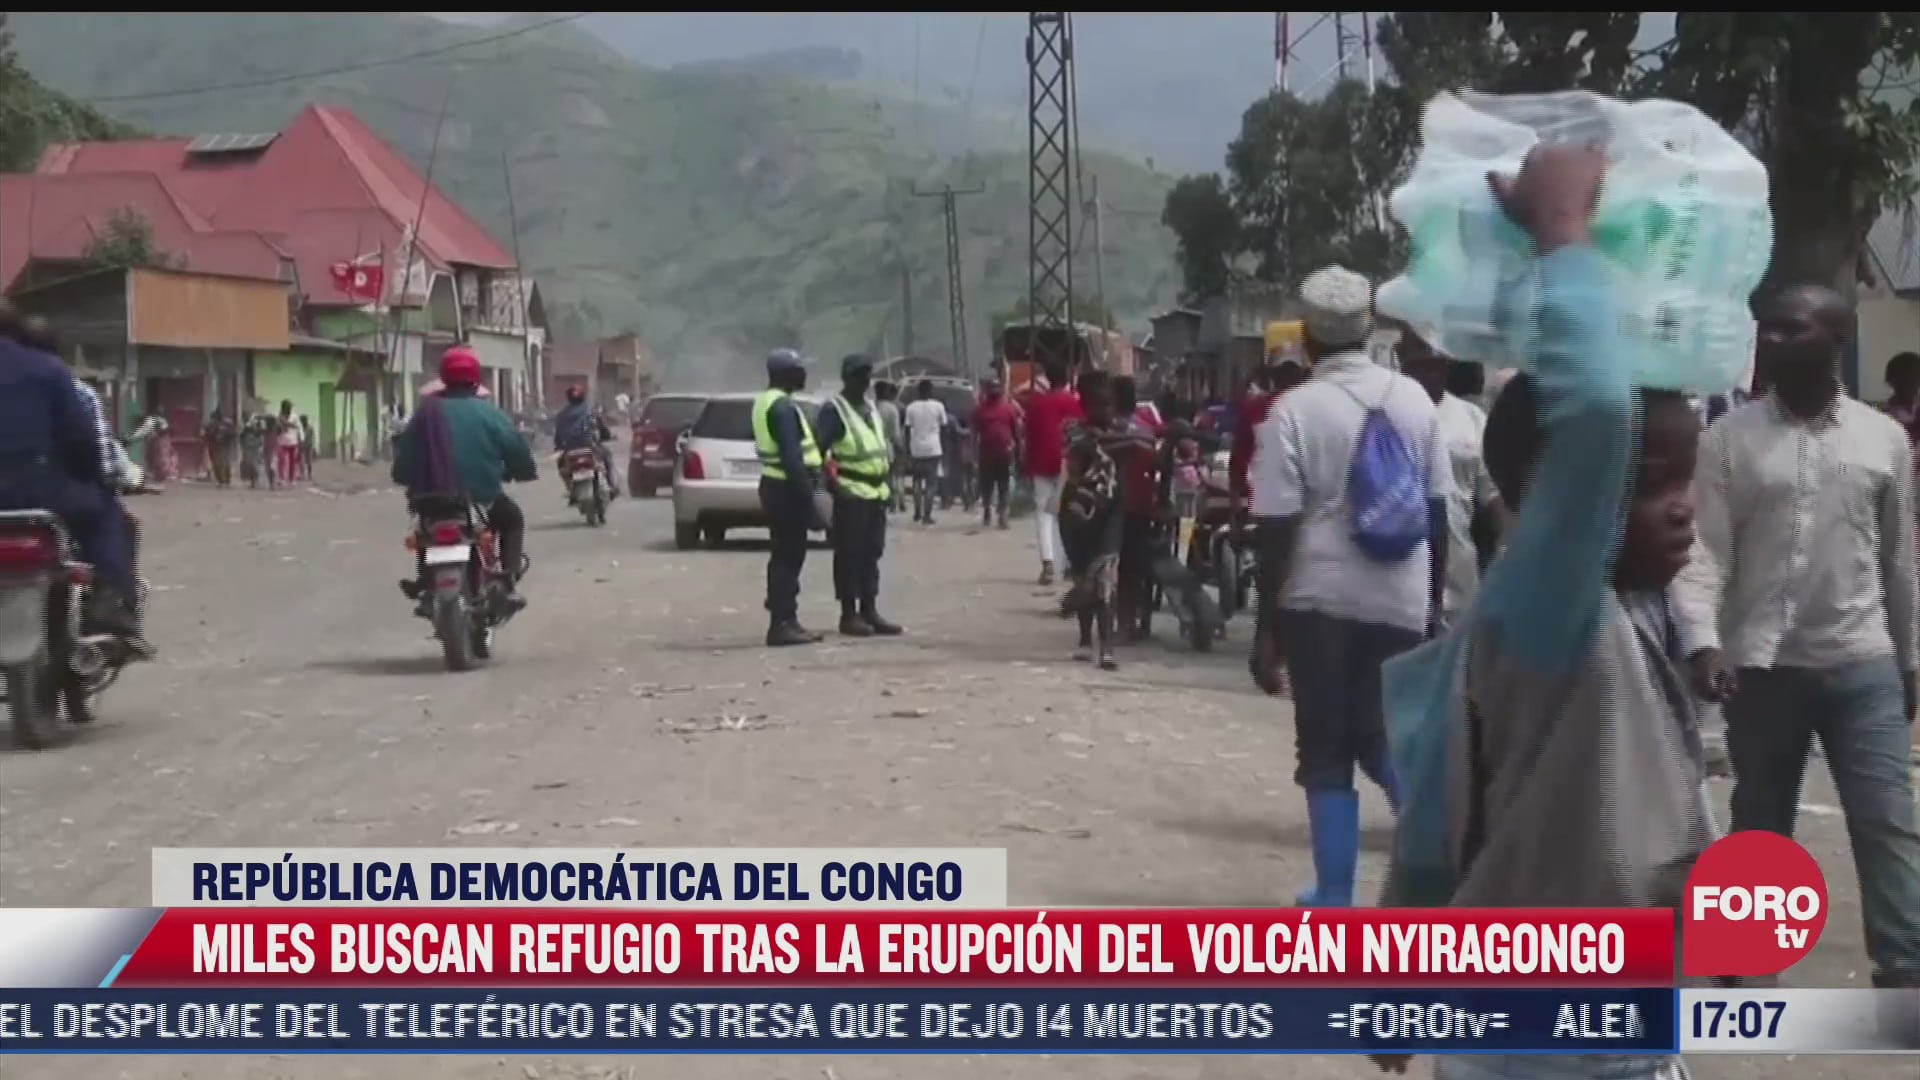 miles buscan refugio tras erupcion del volcan nyiragongo